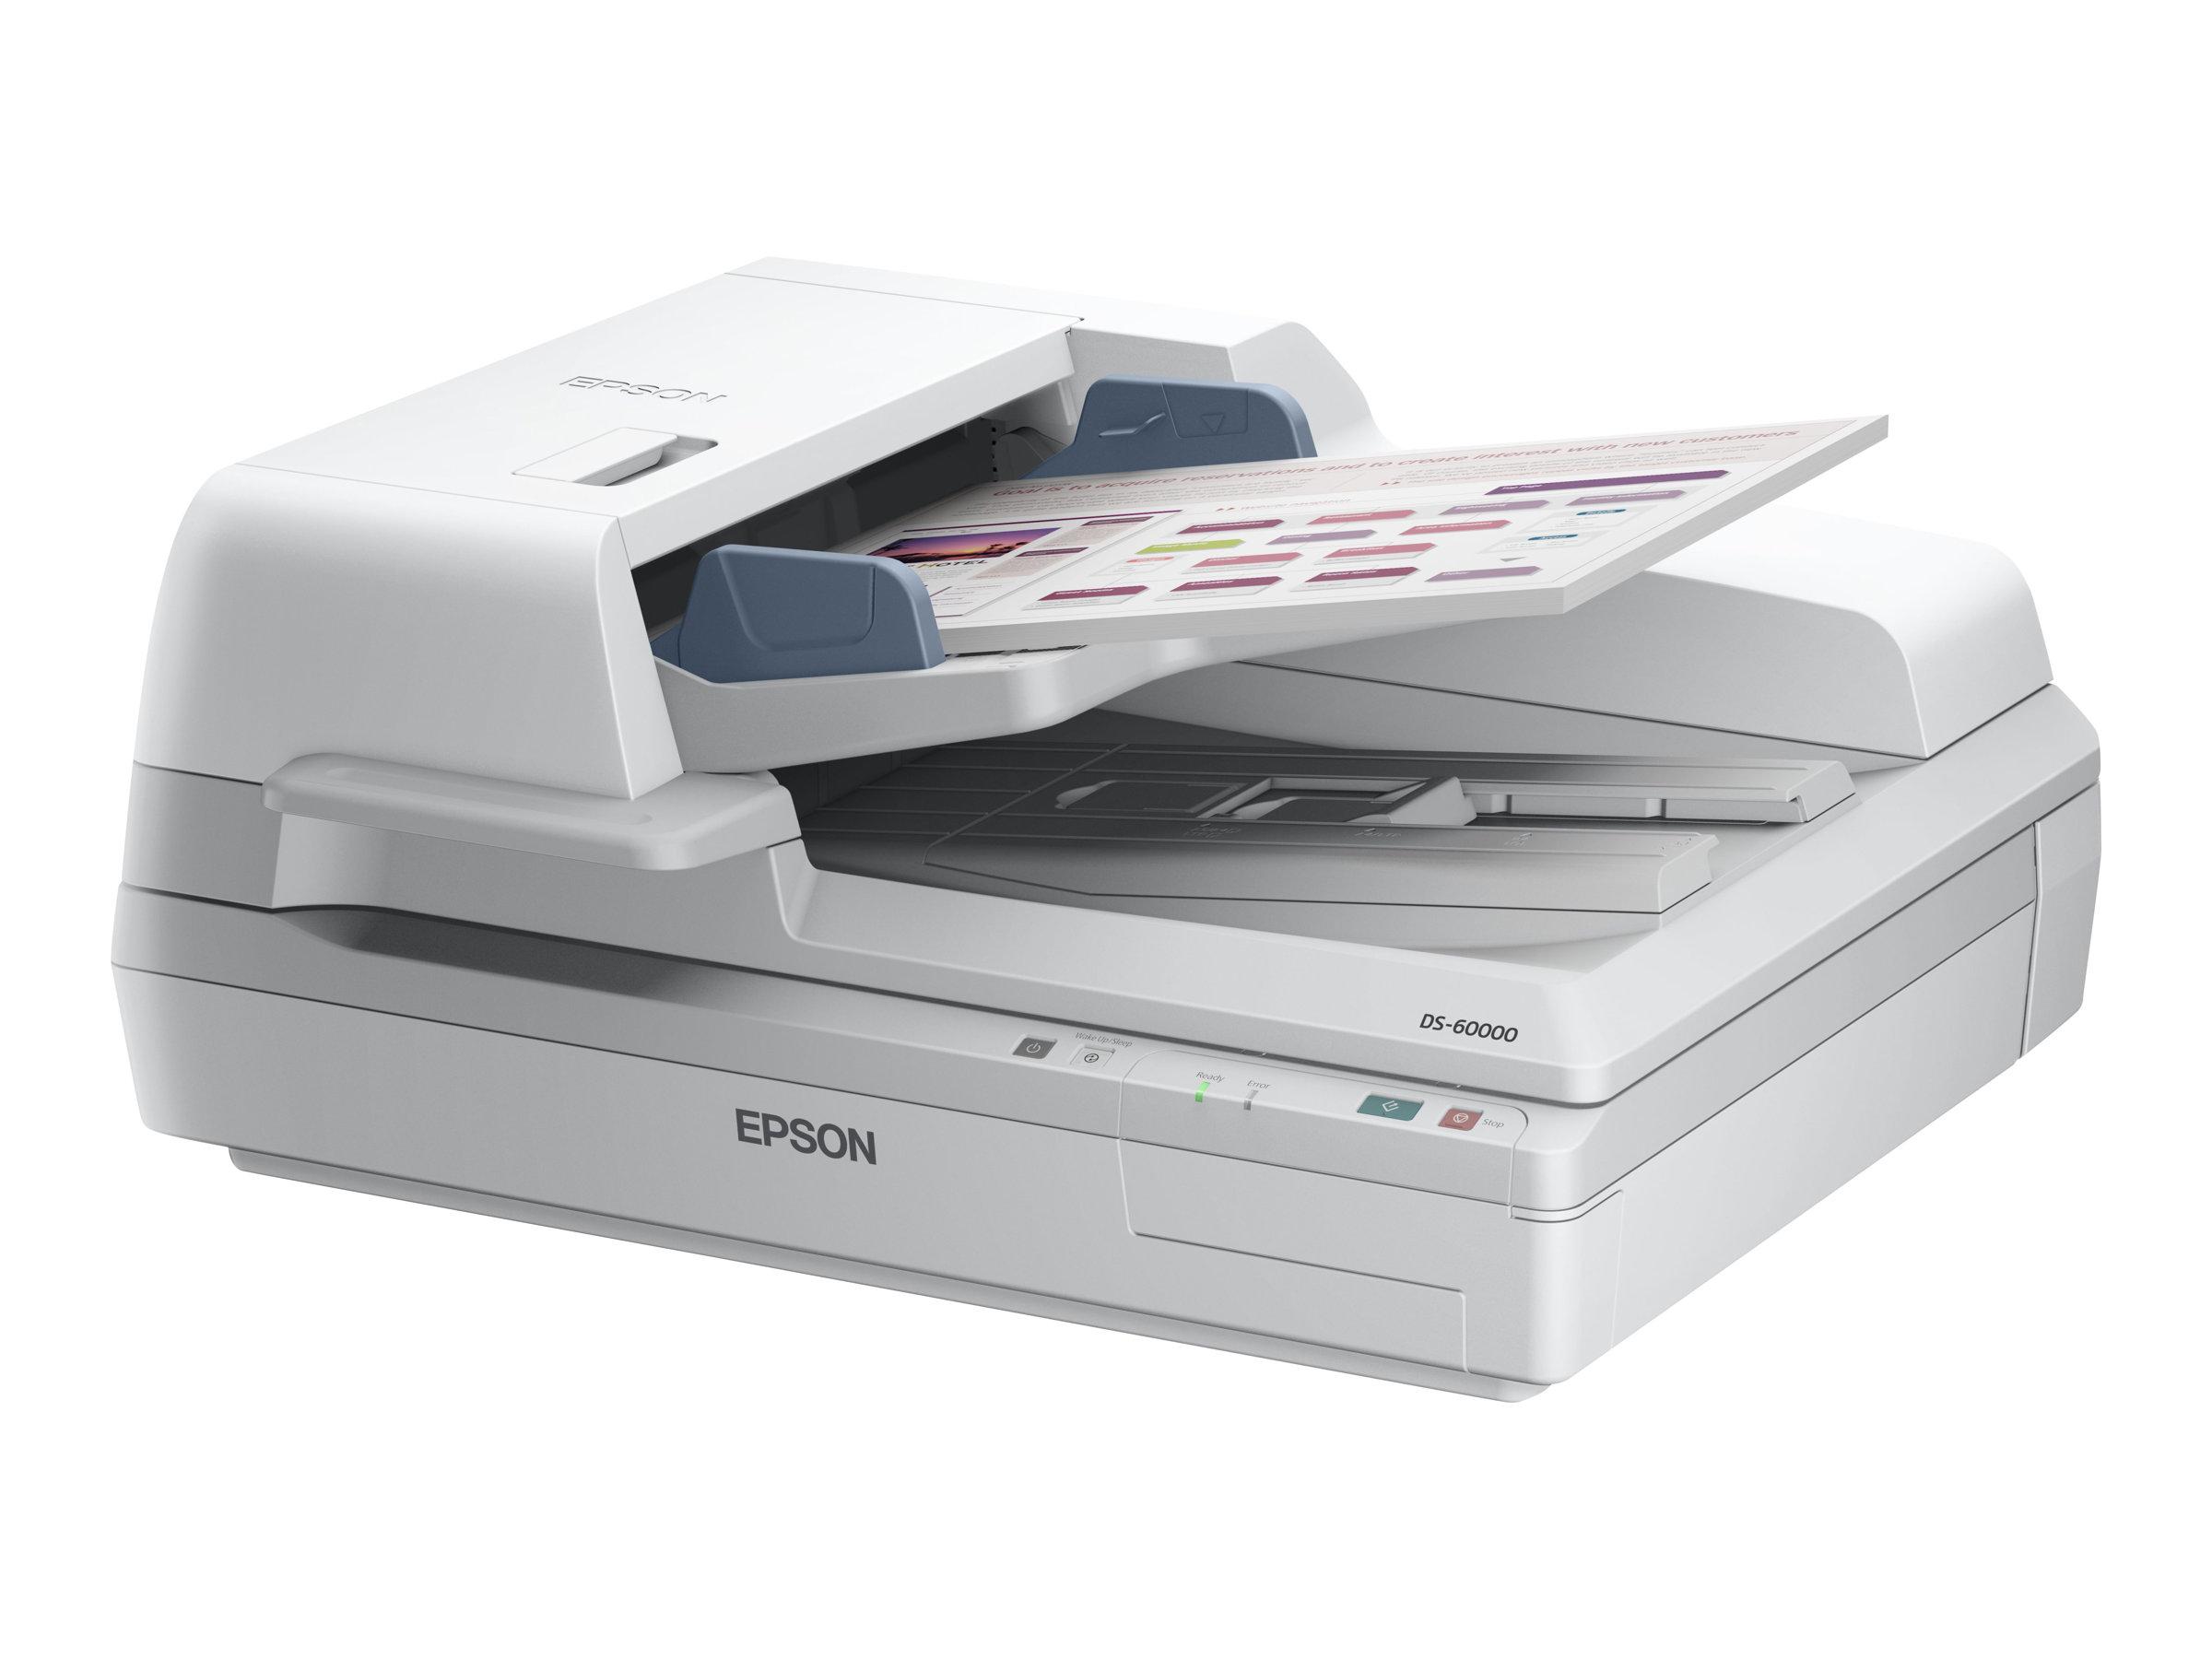 Epson WorkForce DS-60000 - Dokumentenscanner - Duplex - A3 - 600 dpi x 600 dpi - bis zu 40 Seiten/Min. (einfarbig) / bis zu 40 S